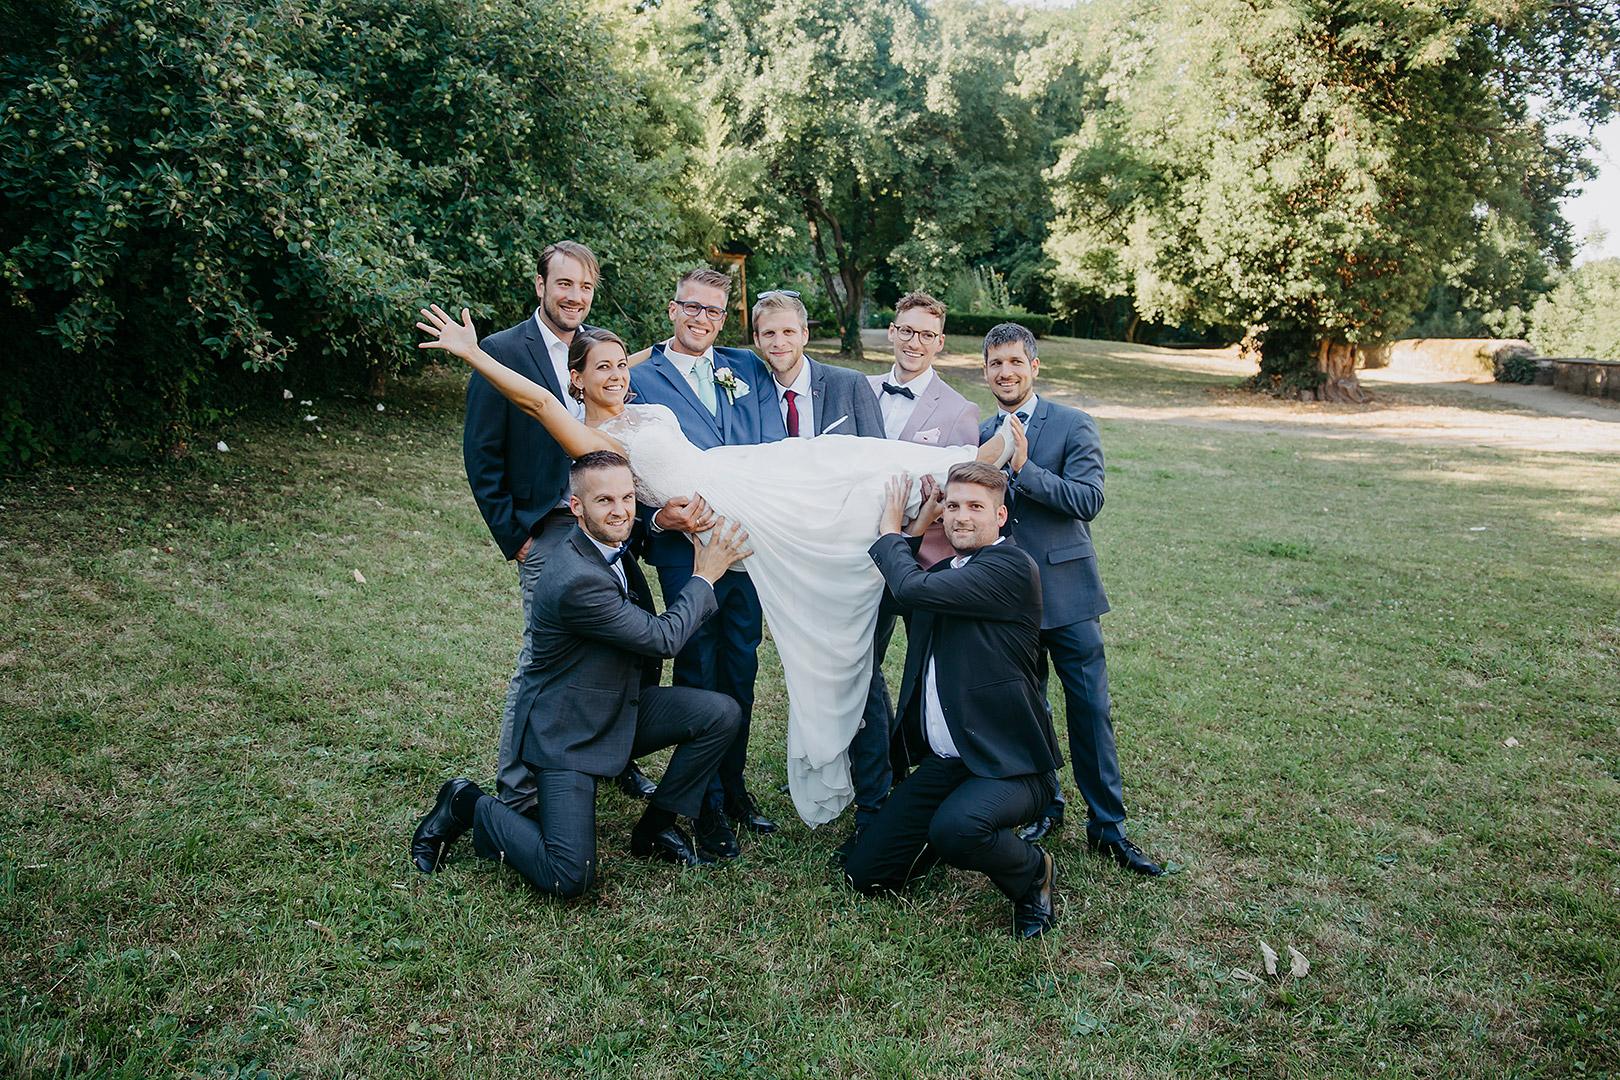 portrait_wedding_IsabellundOliver_44